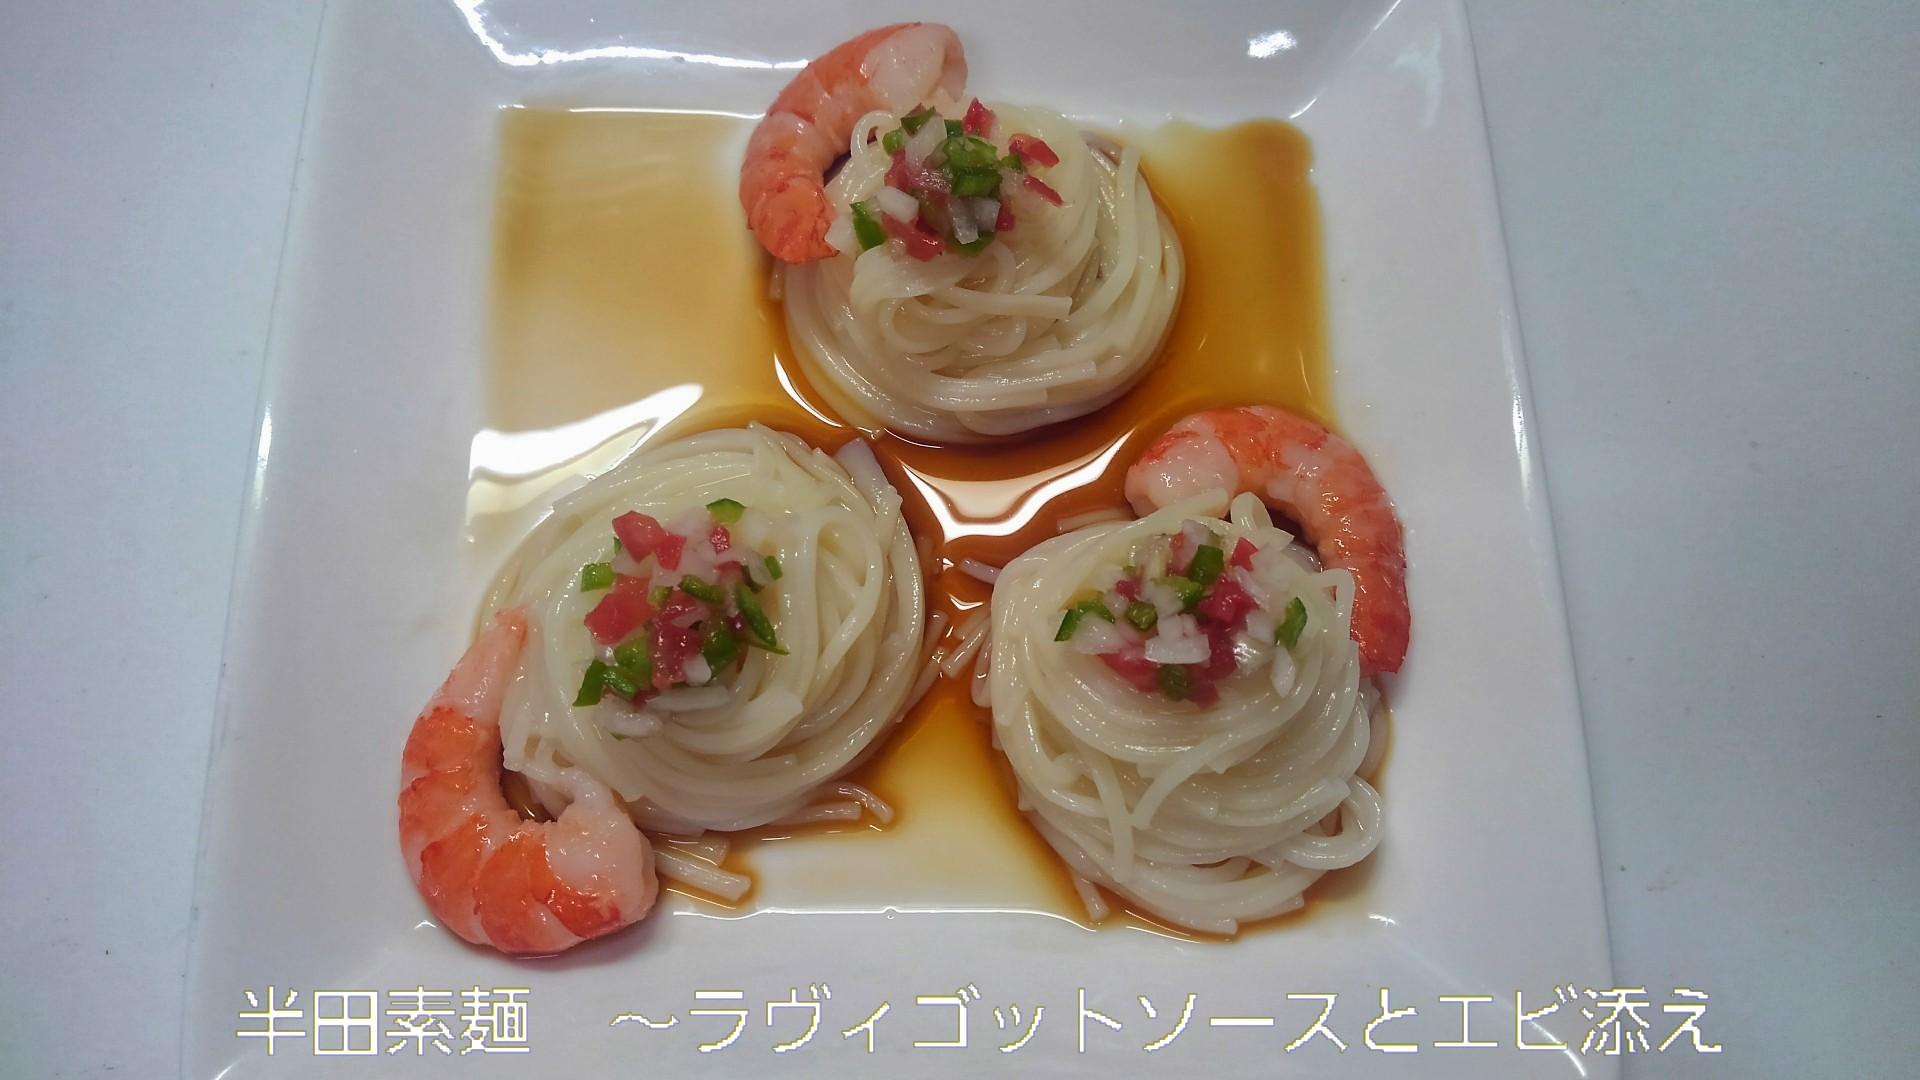 半田素麺、エビを使って2回食べる_b0339522_11183352.jpg